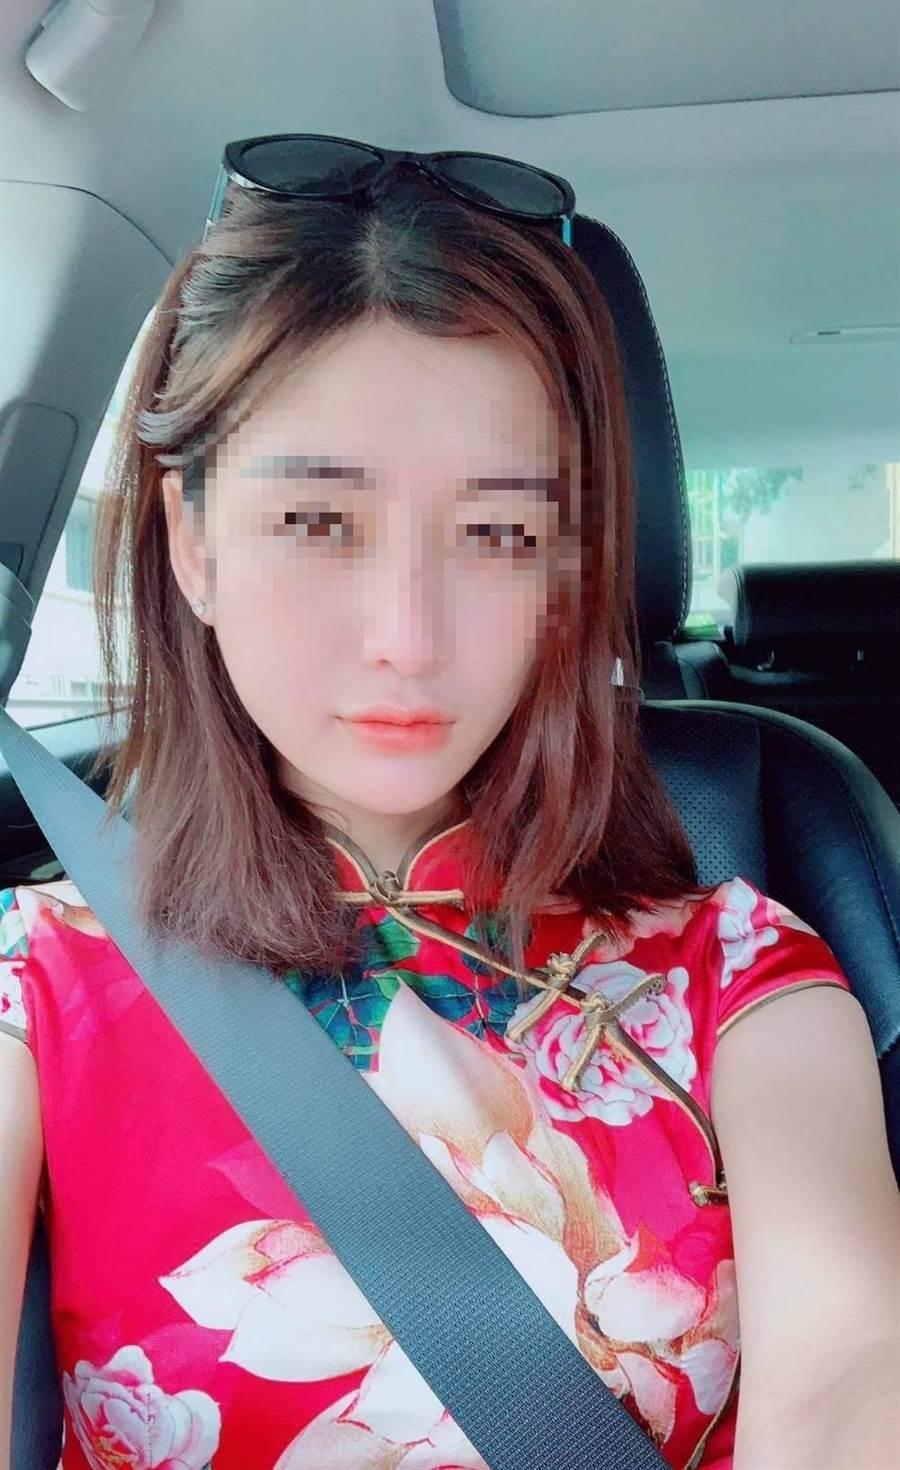 這名越籍女子小曼其實是變性人,還是名業餘模特兒,社群軟體上關注者不少。(翻攝照片)